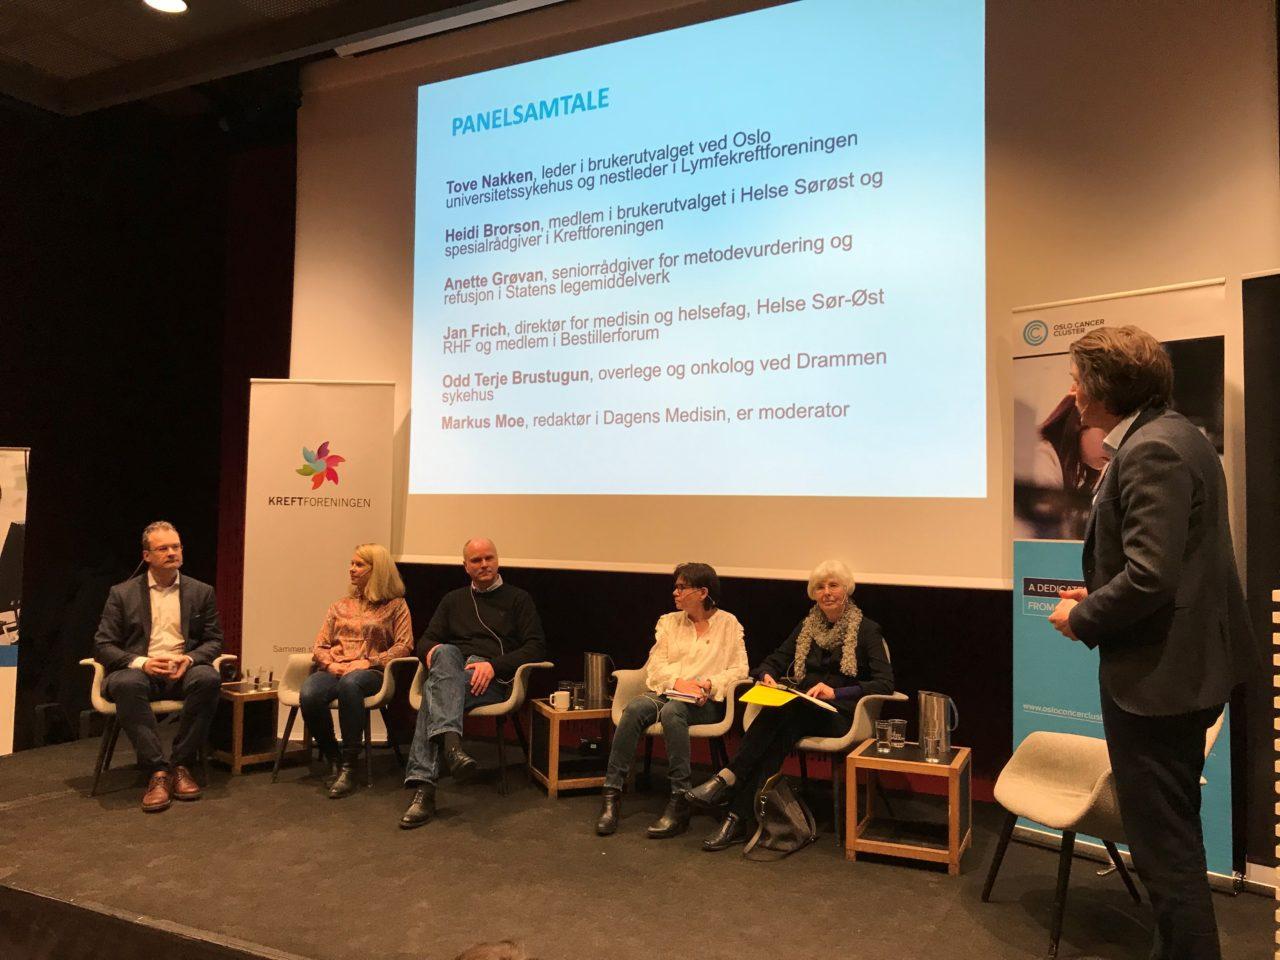 Bilde av fem mennesker i debatt